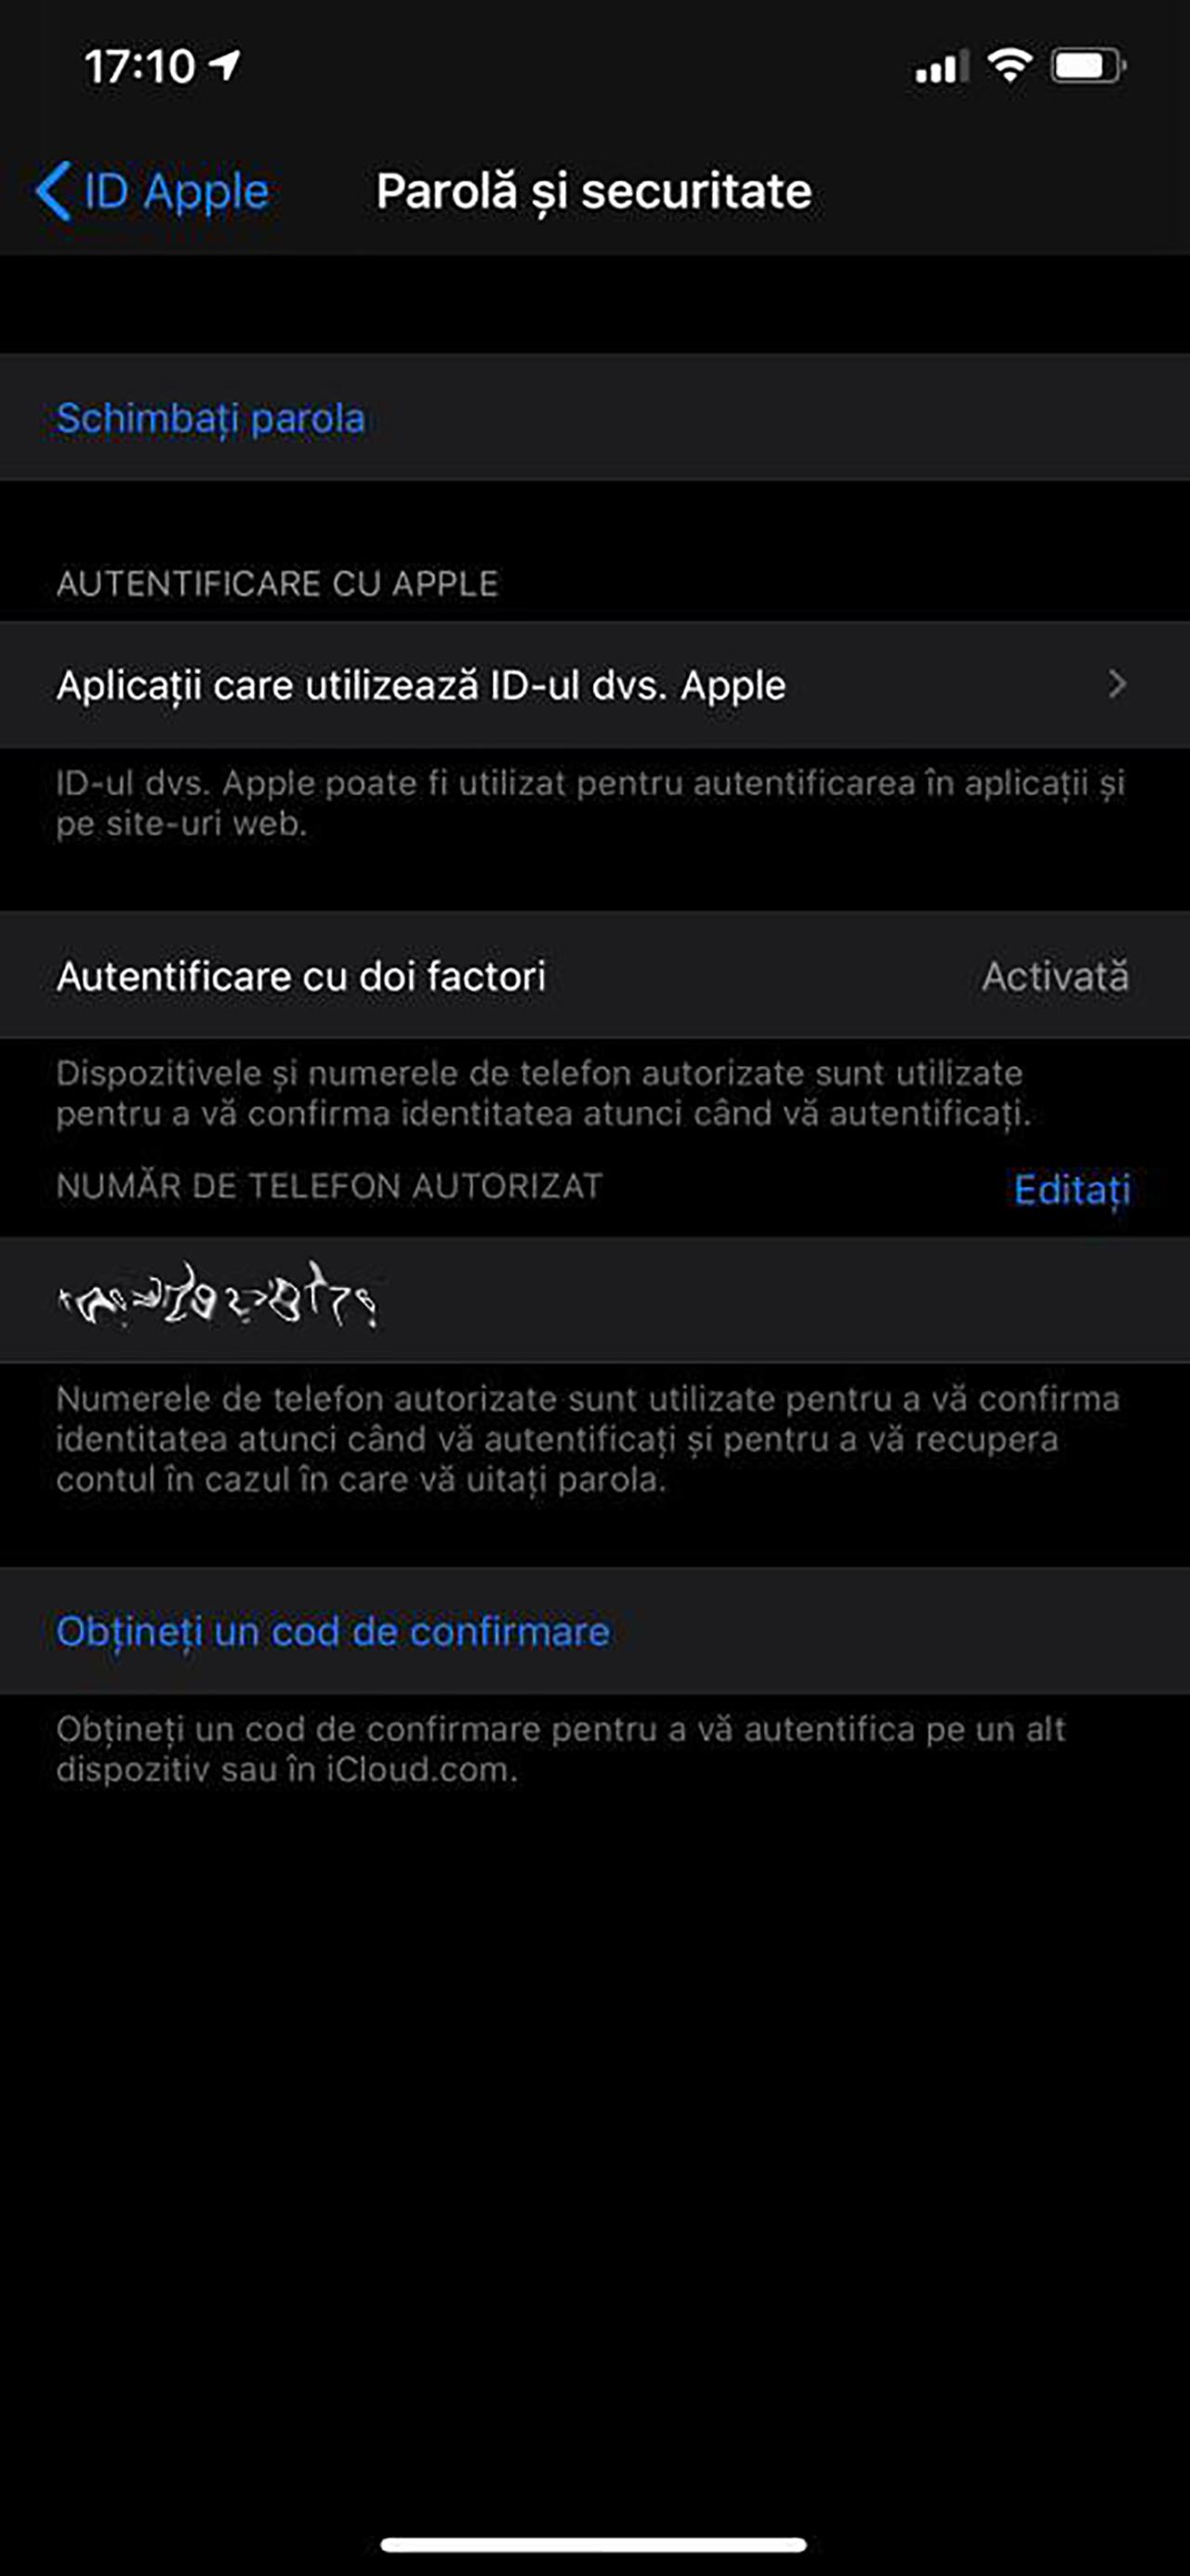 autentificare cu doi factori iPhone